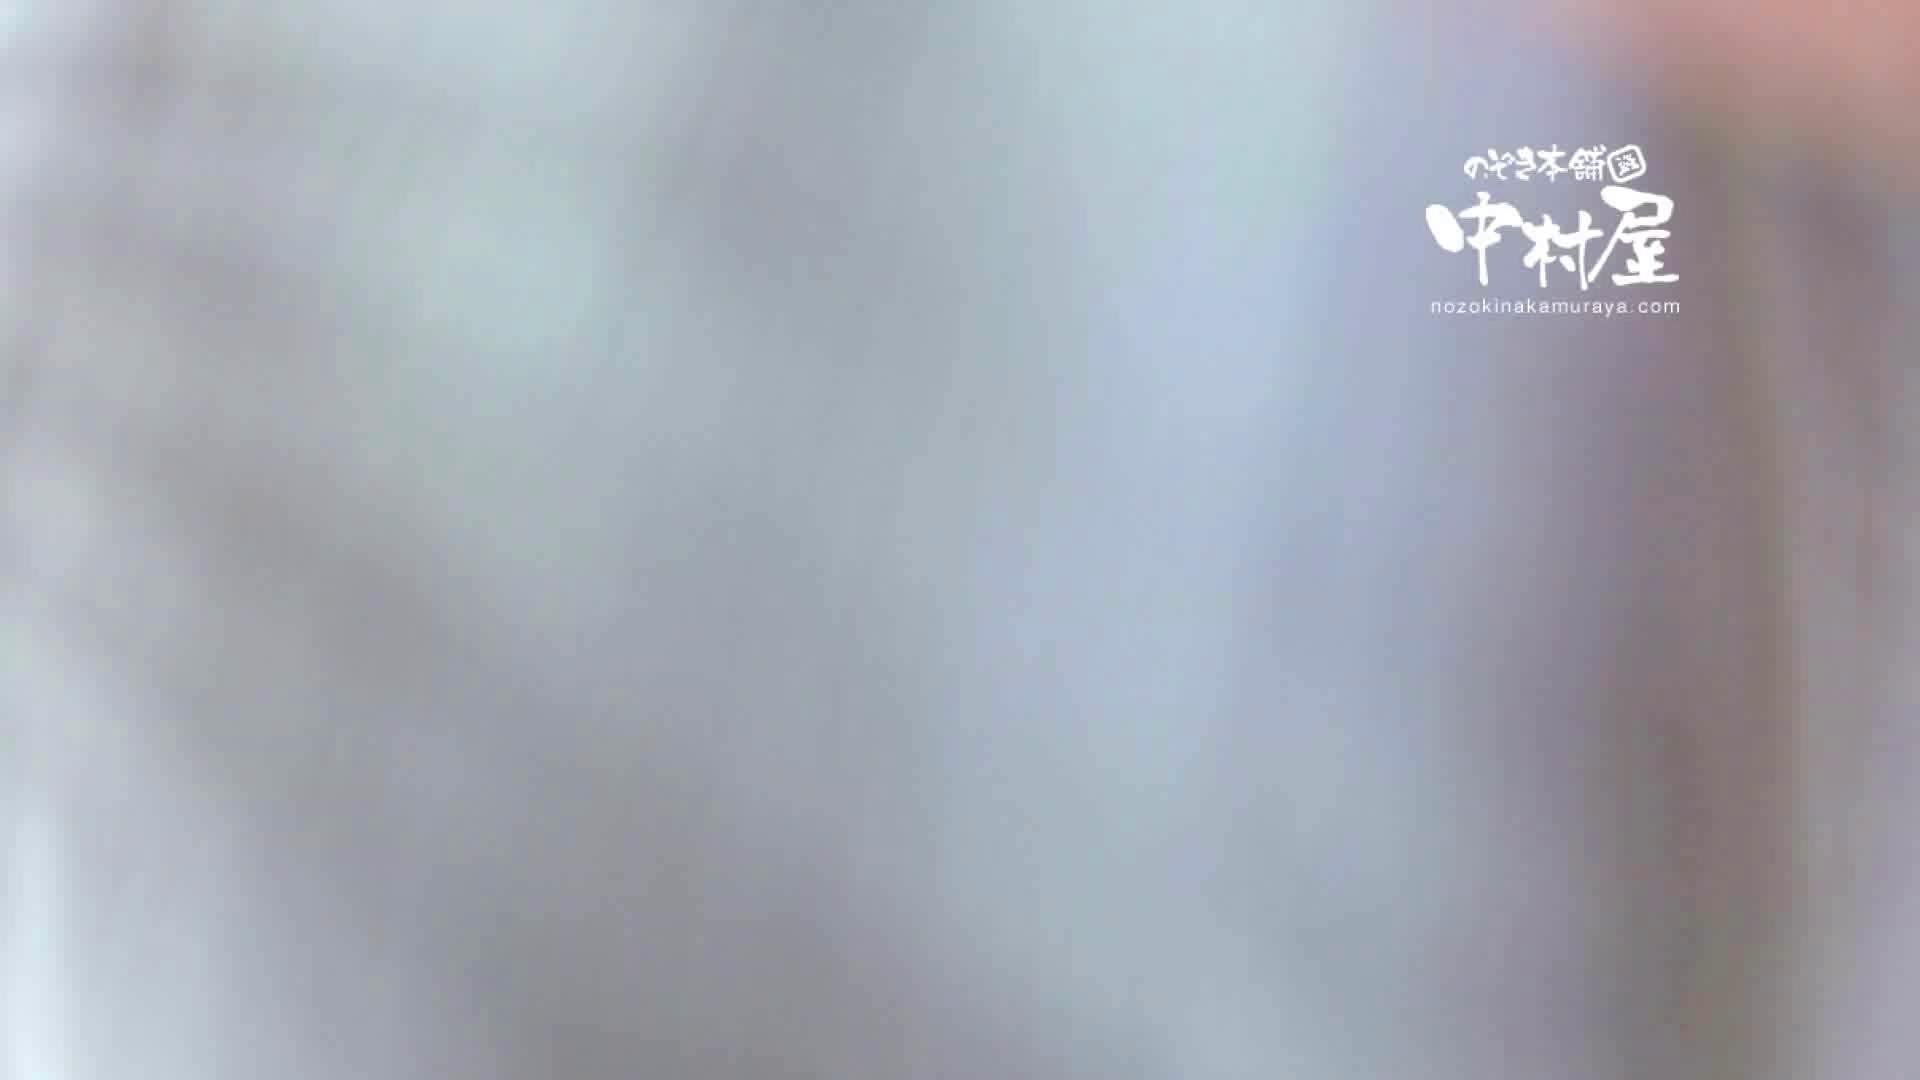 鬼畜 vol.18 居酒屋バイト時代の同僚に中出ししてみる 前編 鬼畜 おまんこ動画流出 100pic 2